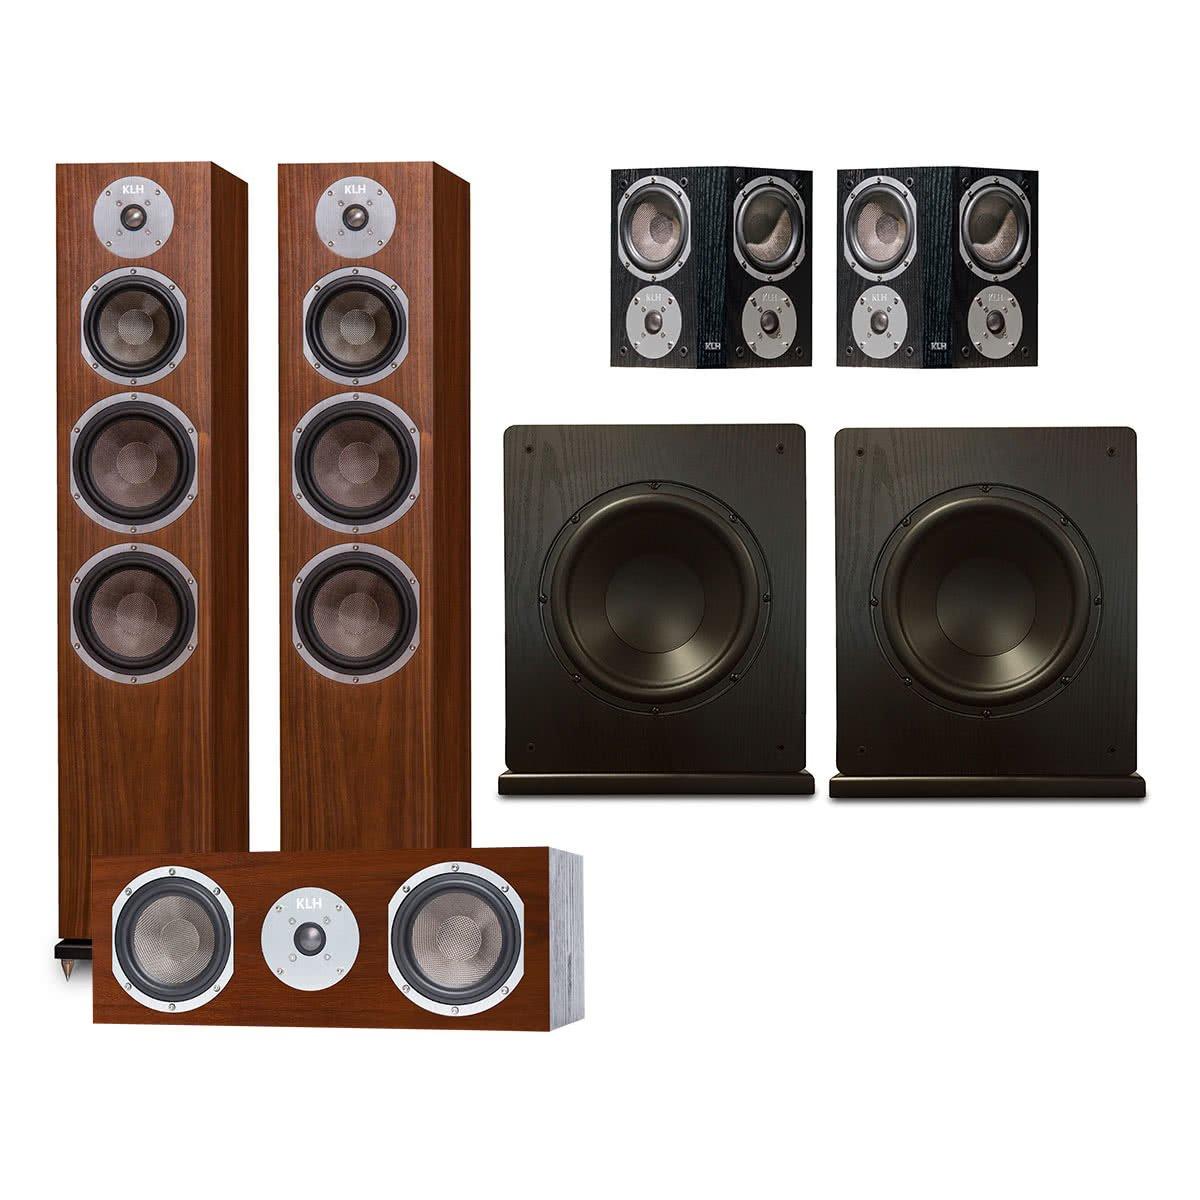 KLH Kendall 5.2 Channel Speaker System (Walnut)